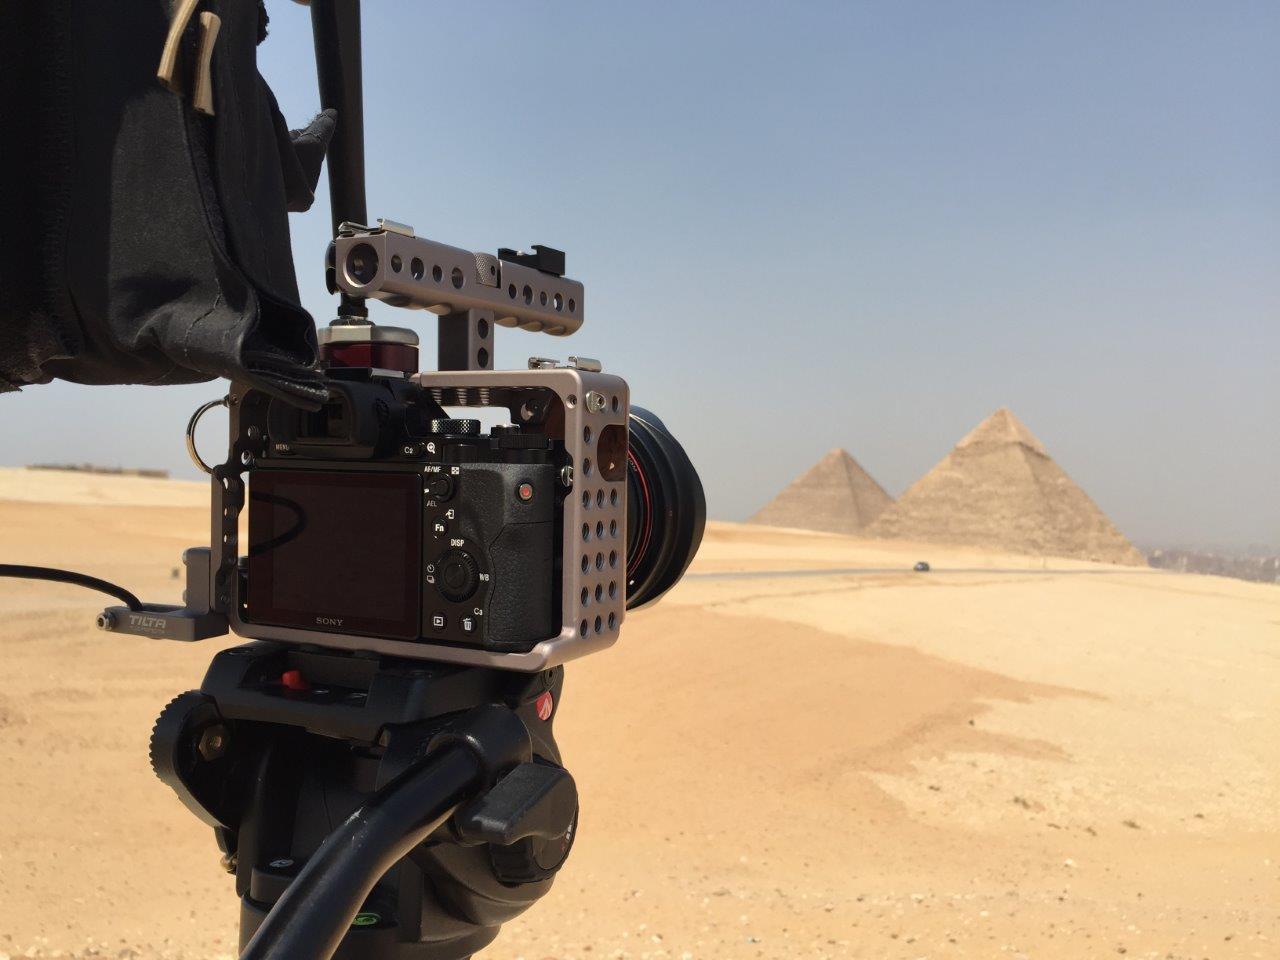 α7S capturing pyramids